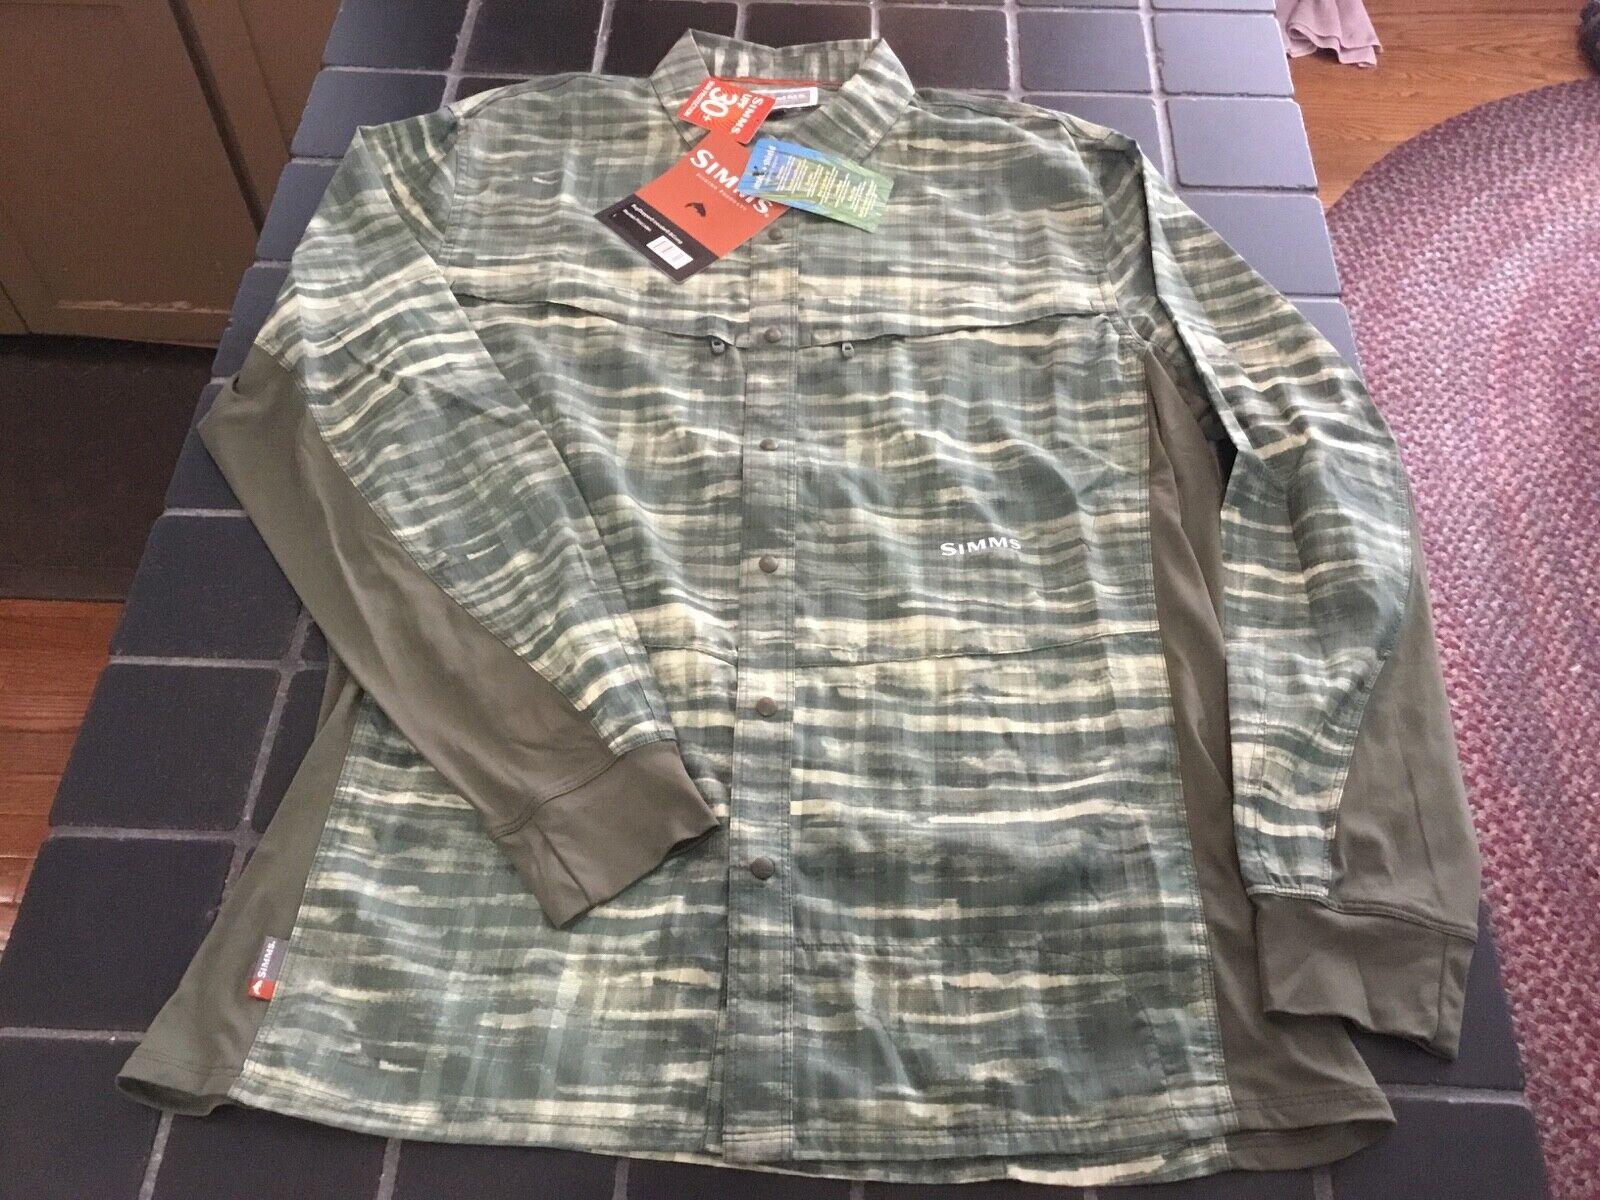 Nuevo con  etiquetas Simms Fishing bugstopper intruso Bicomp Camisa Mangas Largas, L, montaña impresión Loden  comprar barato